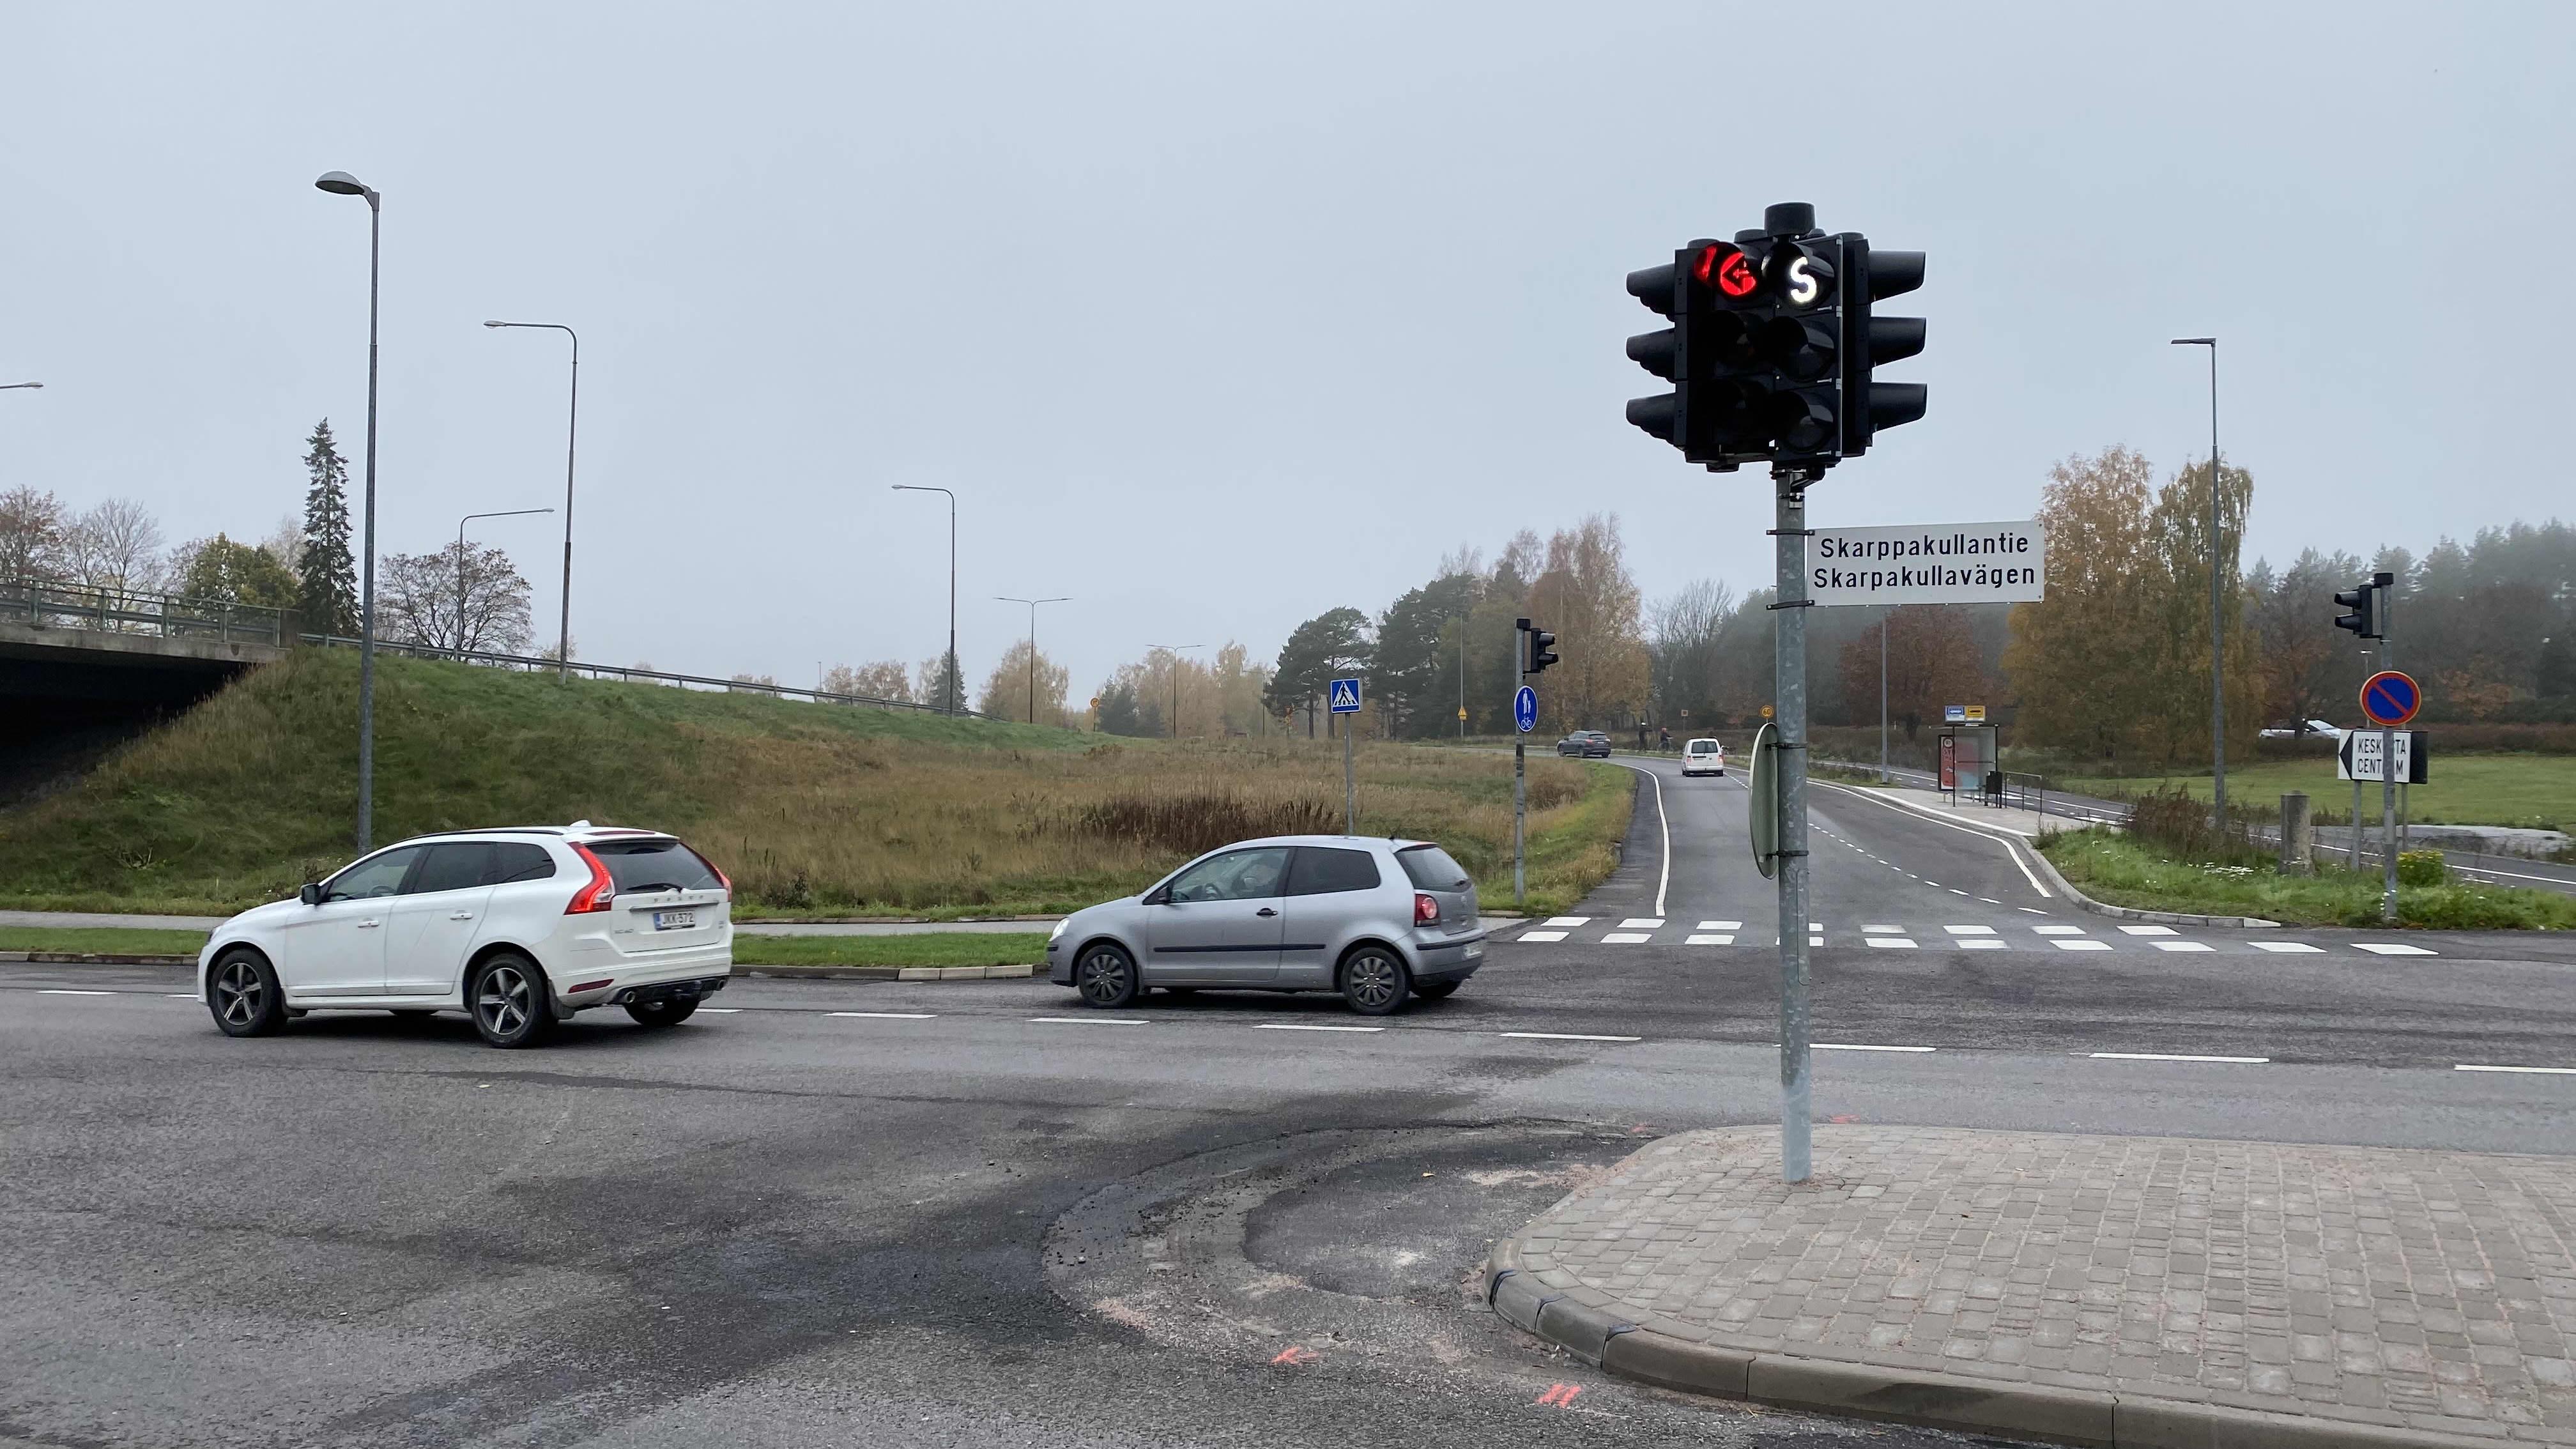 Uusi liikennevalotolppa Skarppakullantiellä.